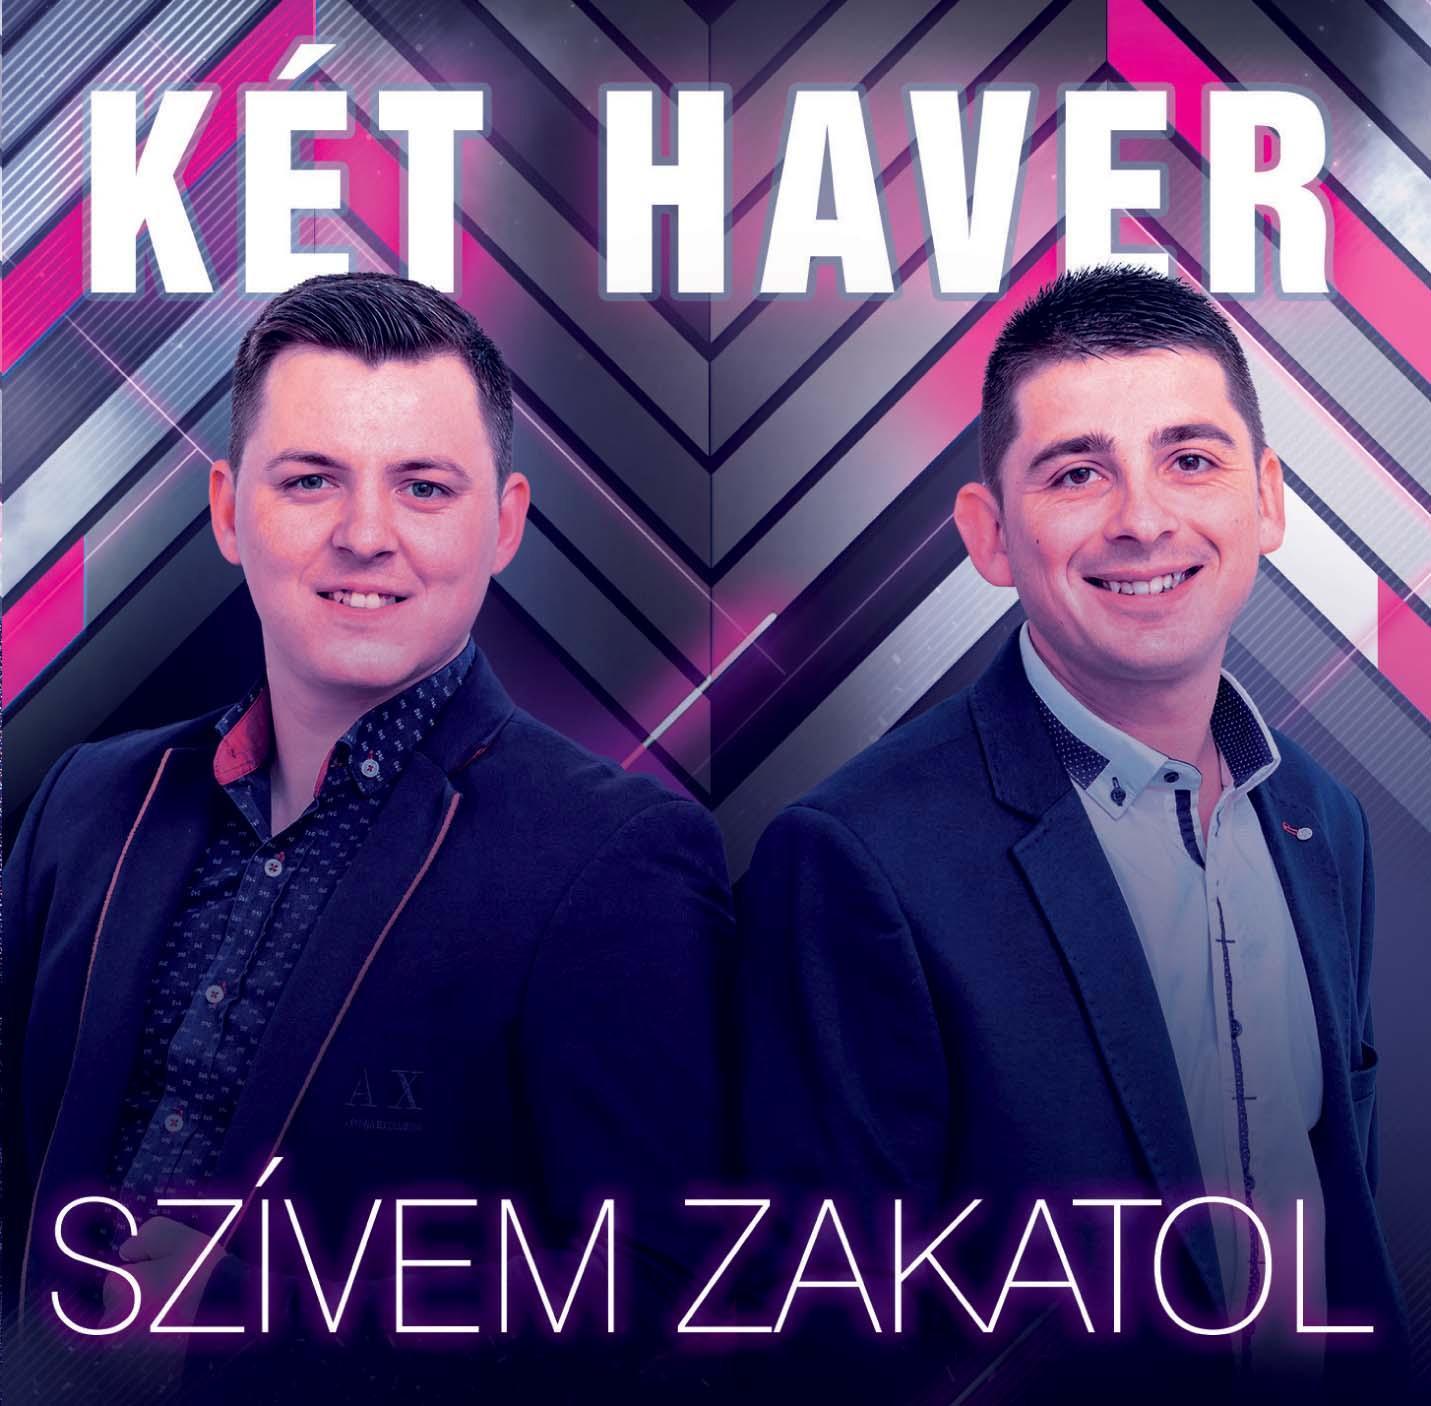 SIHELL FERRY, BERTICI ATTILA - KÉT HAVER - SZÍVEM ZAKATOL - CD -